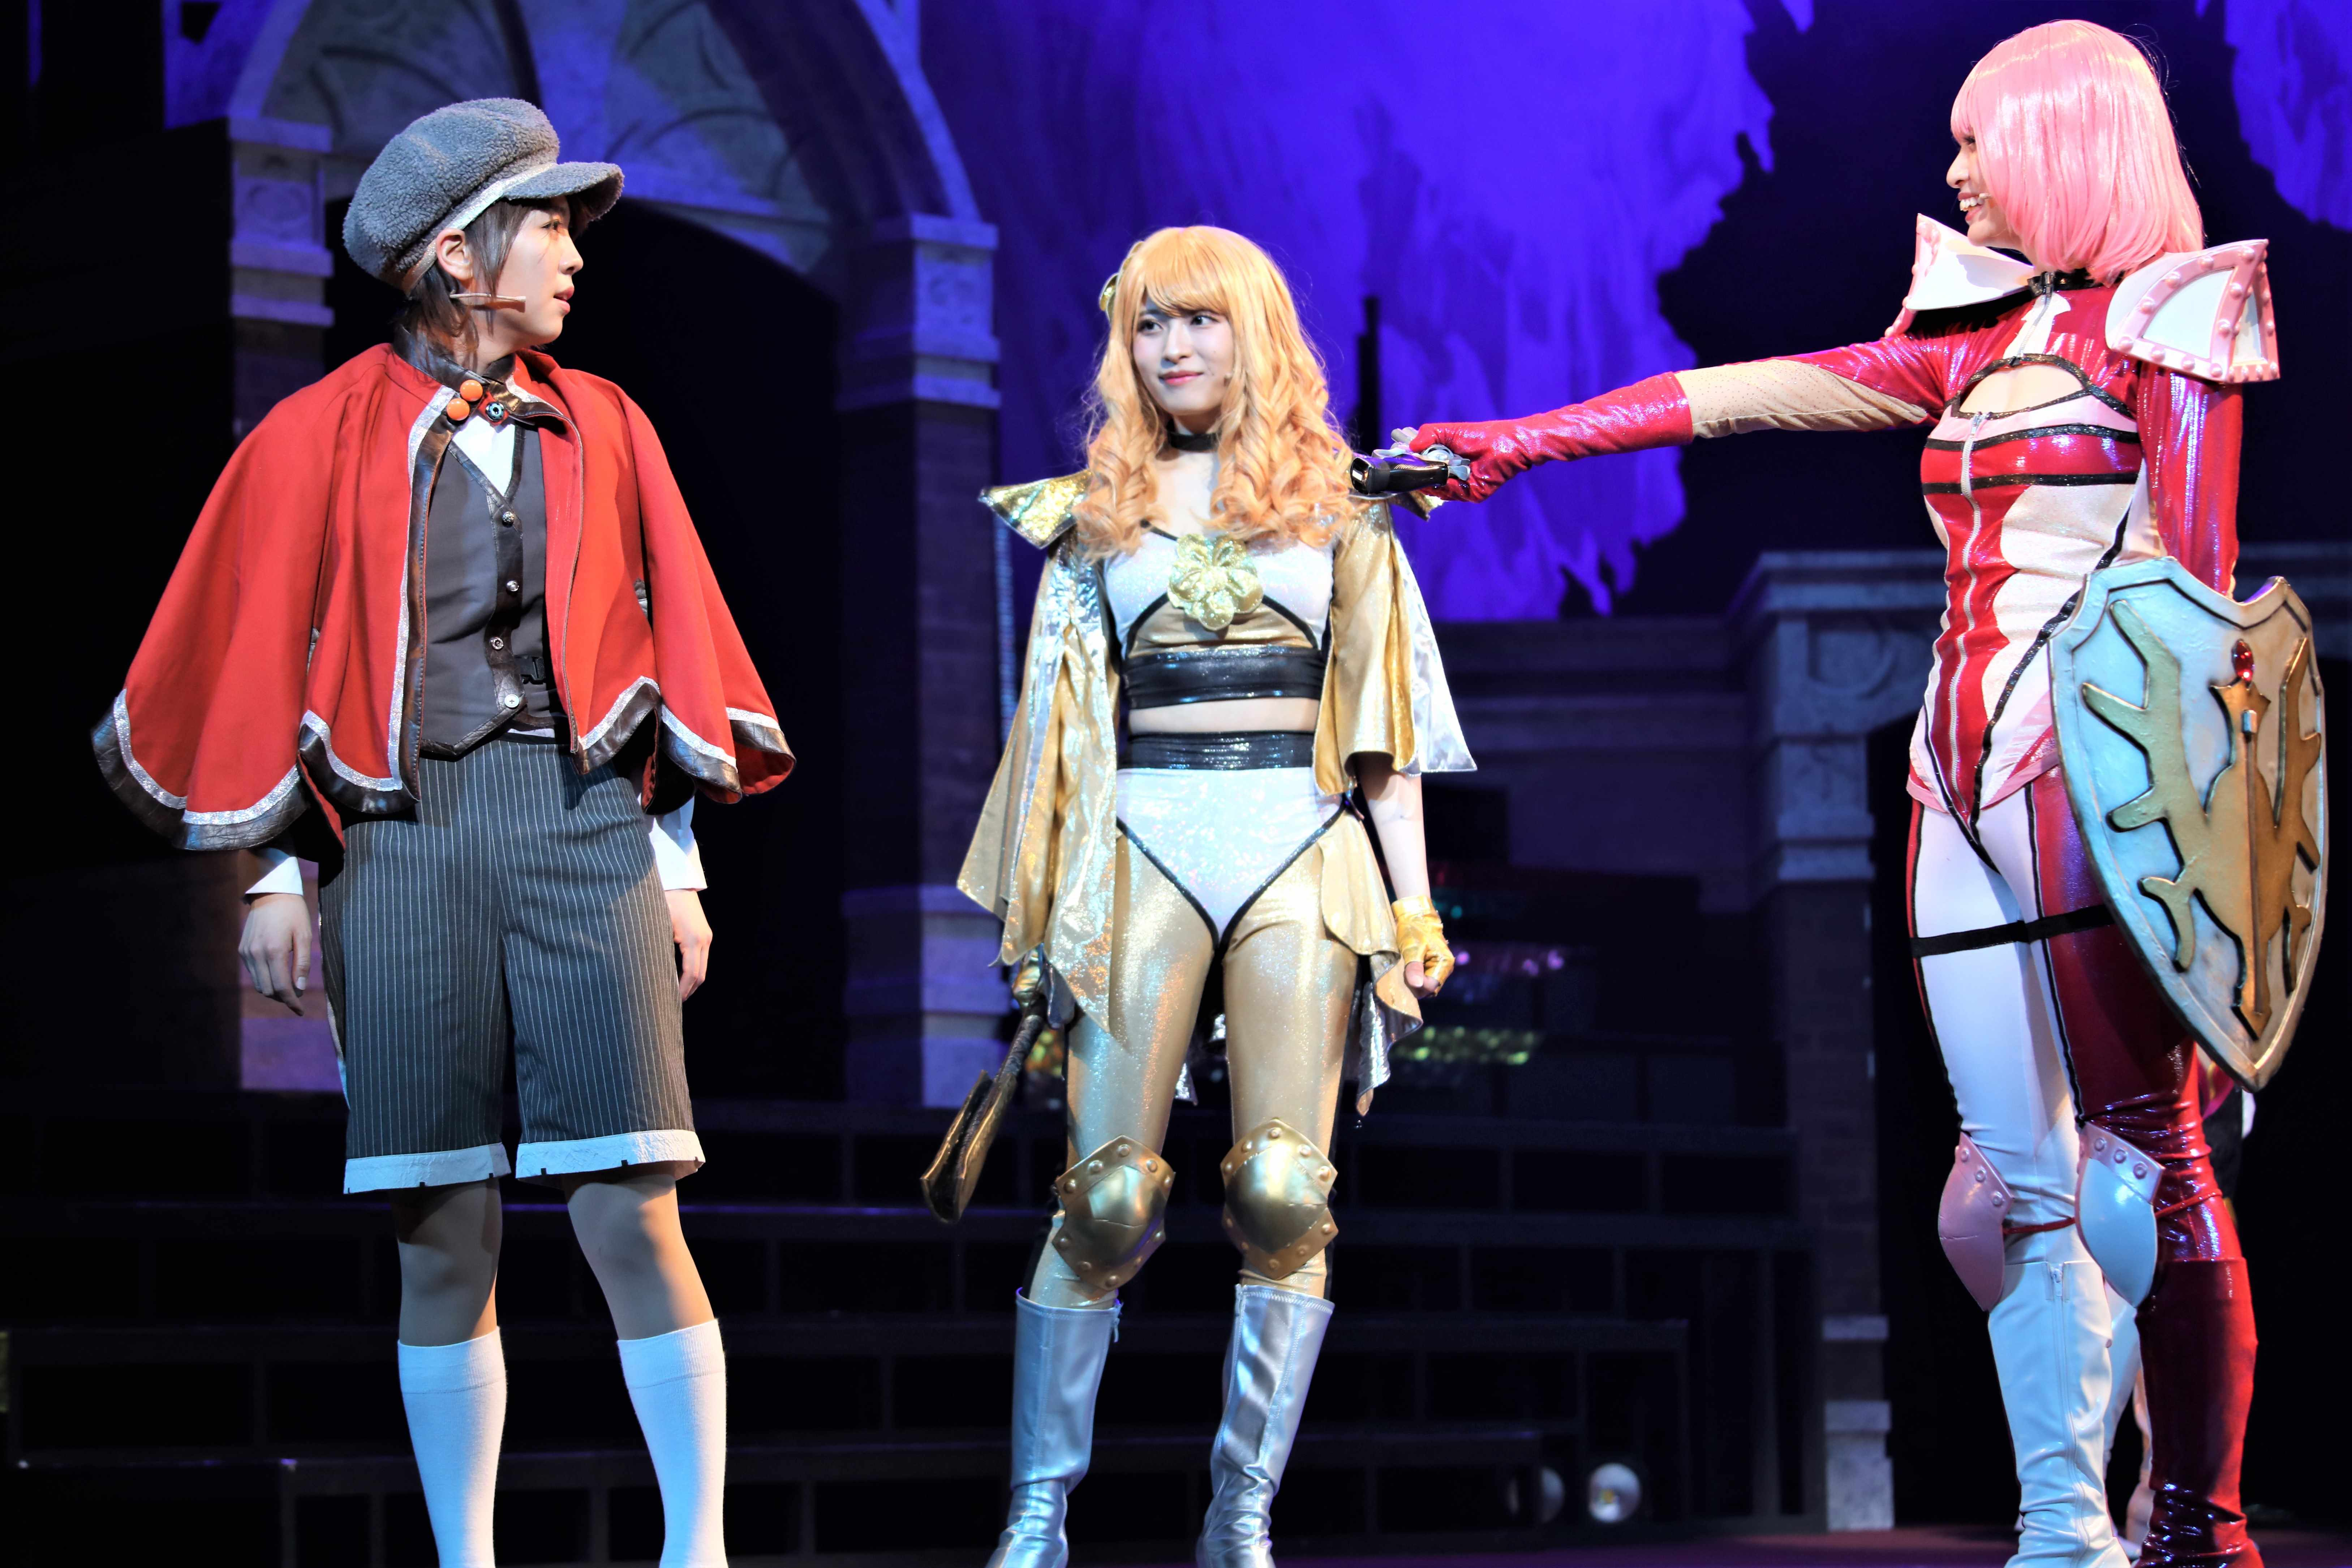 ラブリーハニー(中央) ©永井豪/ダイナミック企画・舞台「Cutie Honey Climax」製作委員会 無断アップロード及び転送は一切禁止です。